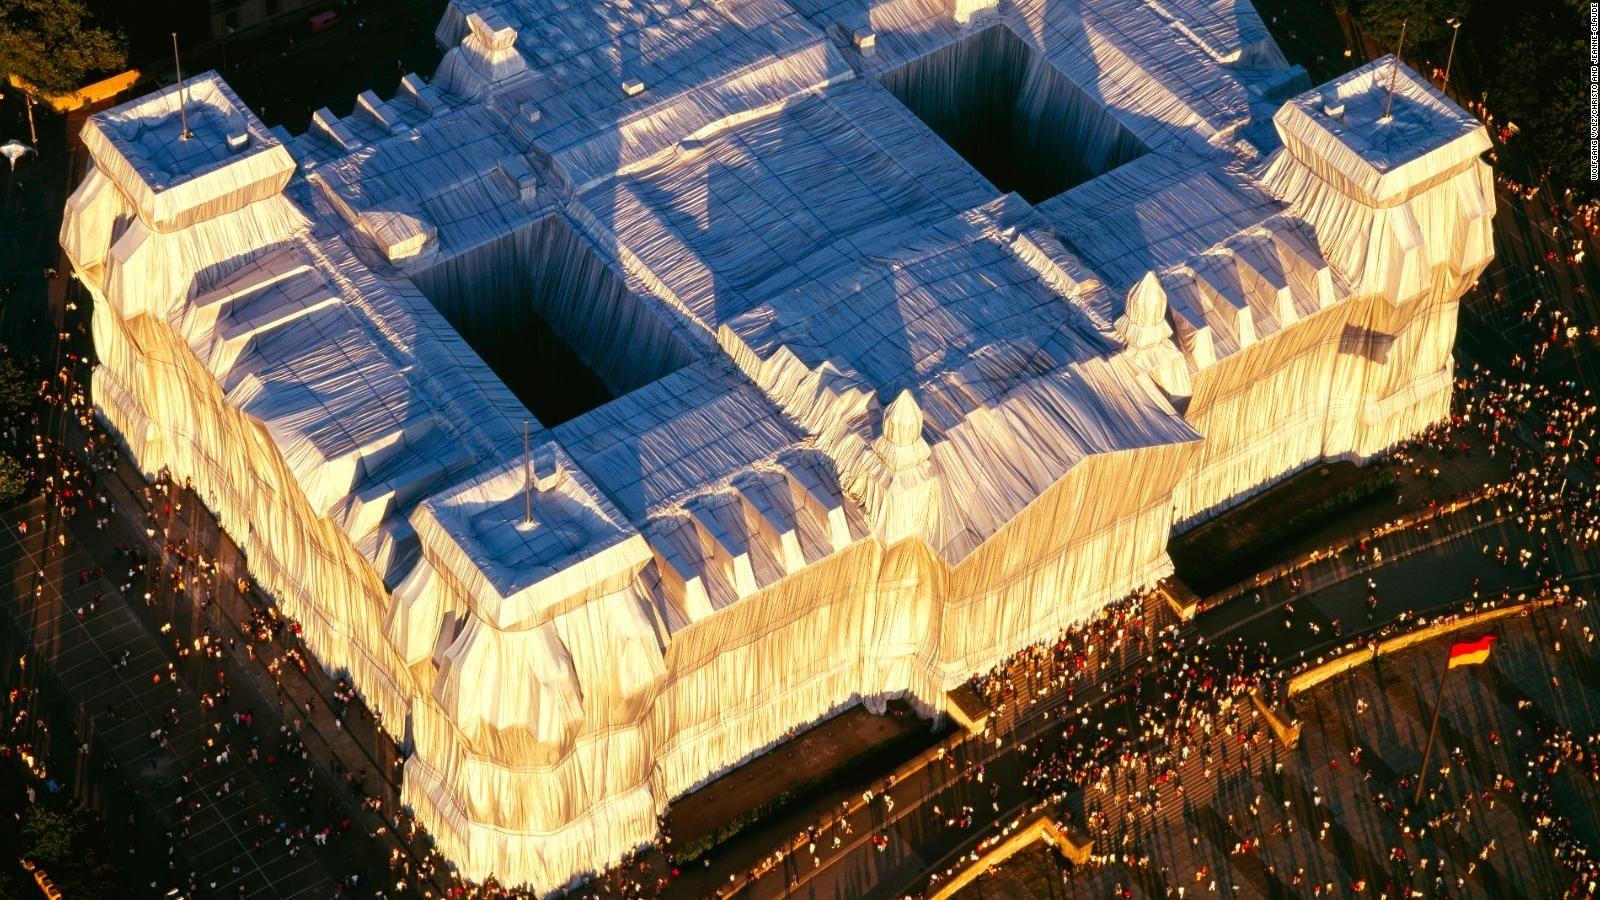 L'imballaggio del Reichstag di Berlino - neomag.